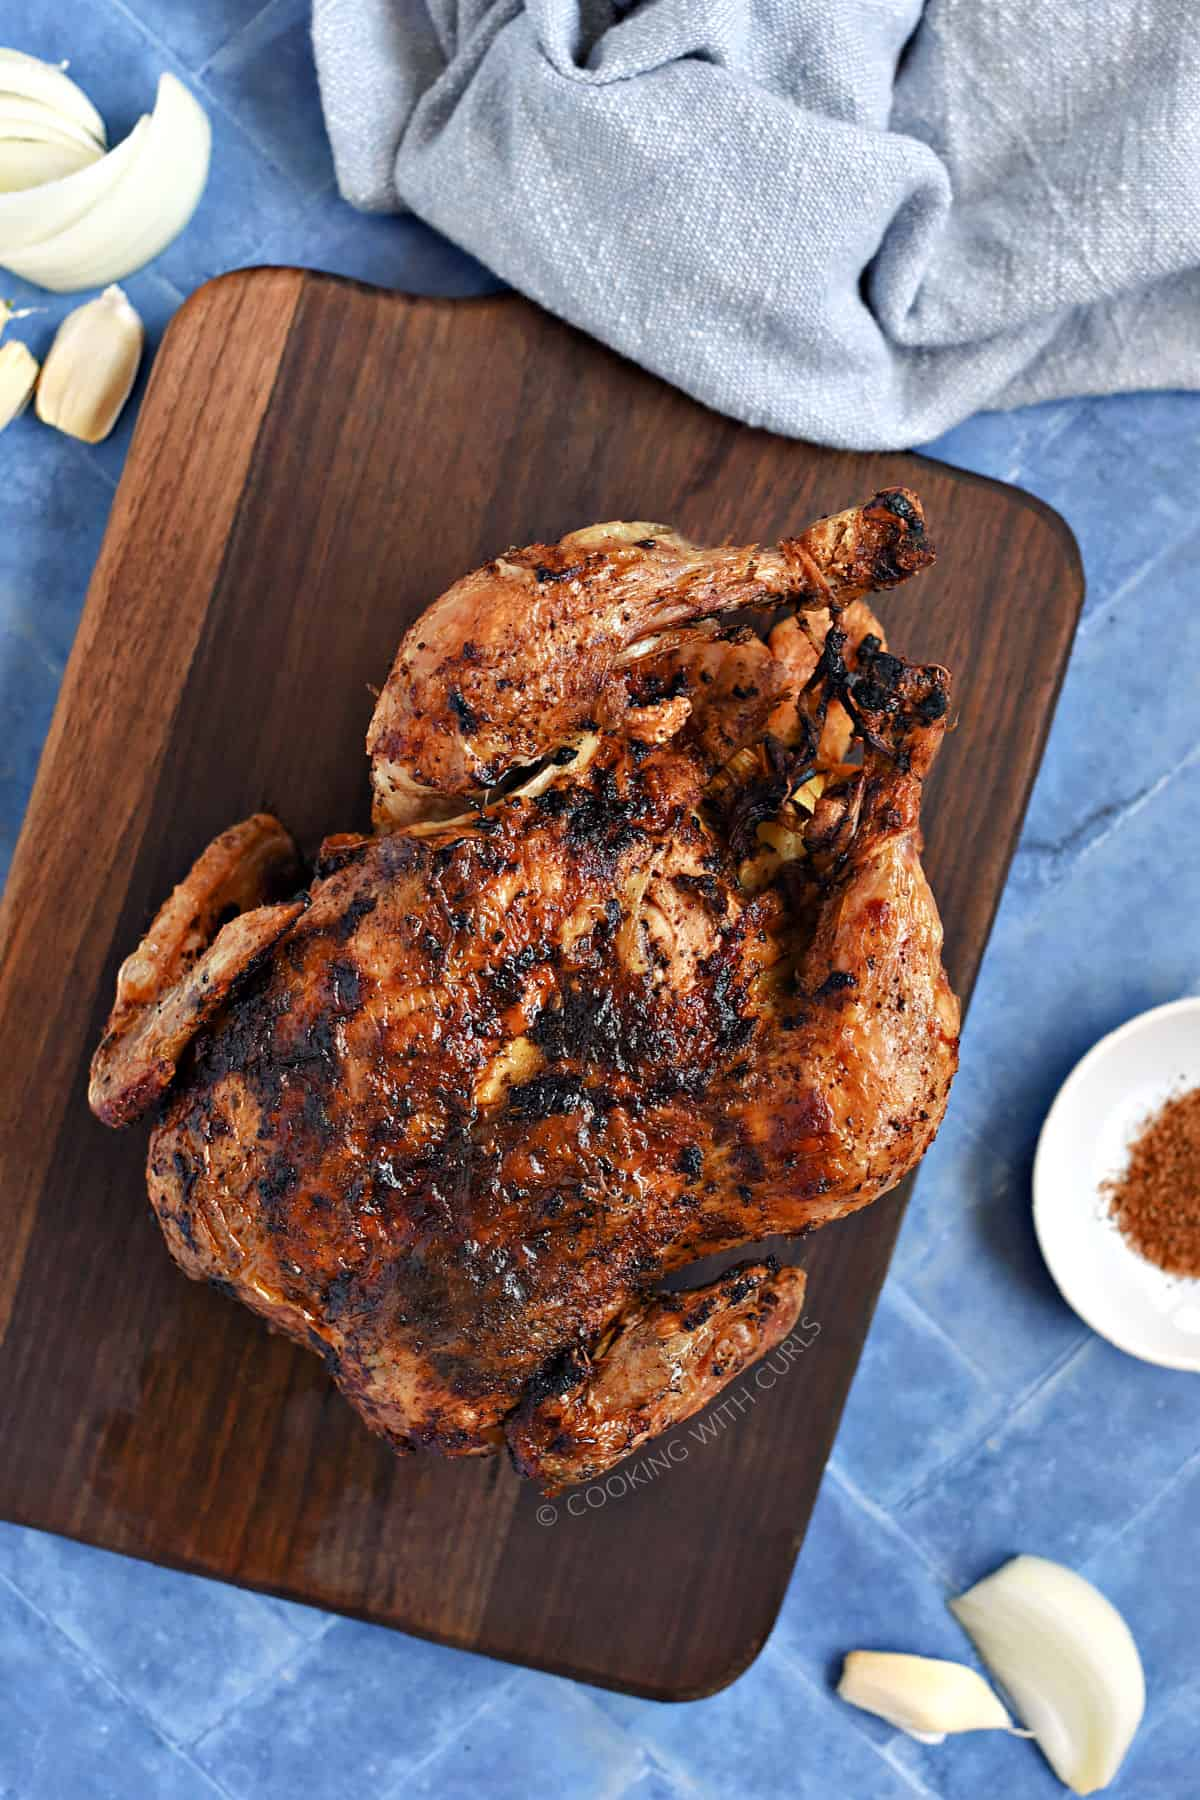 Looking down on a whole roast chicken on a walnut board.